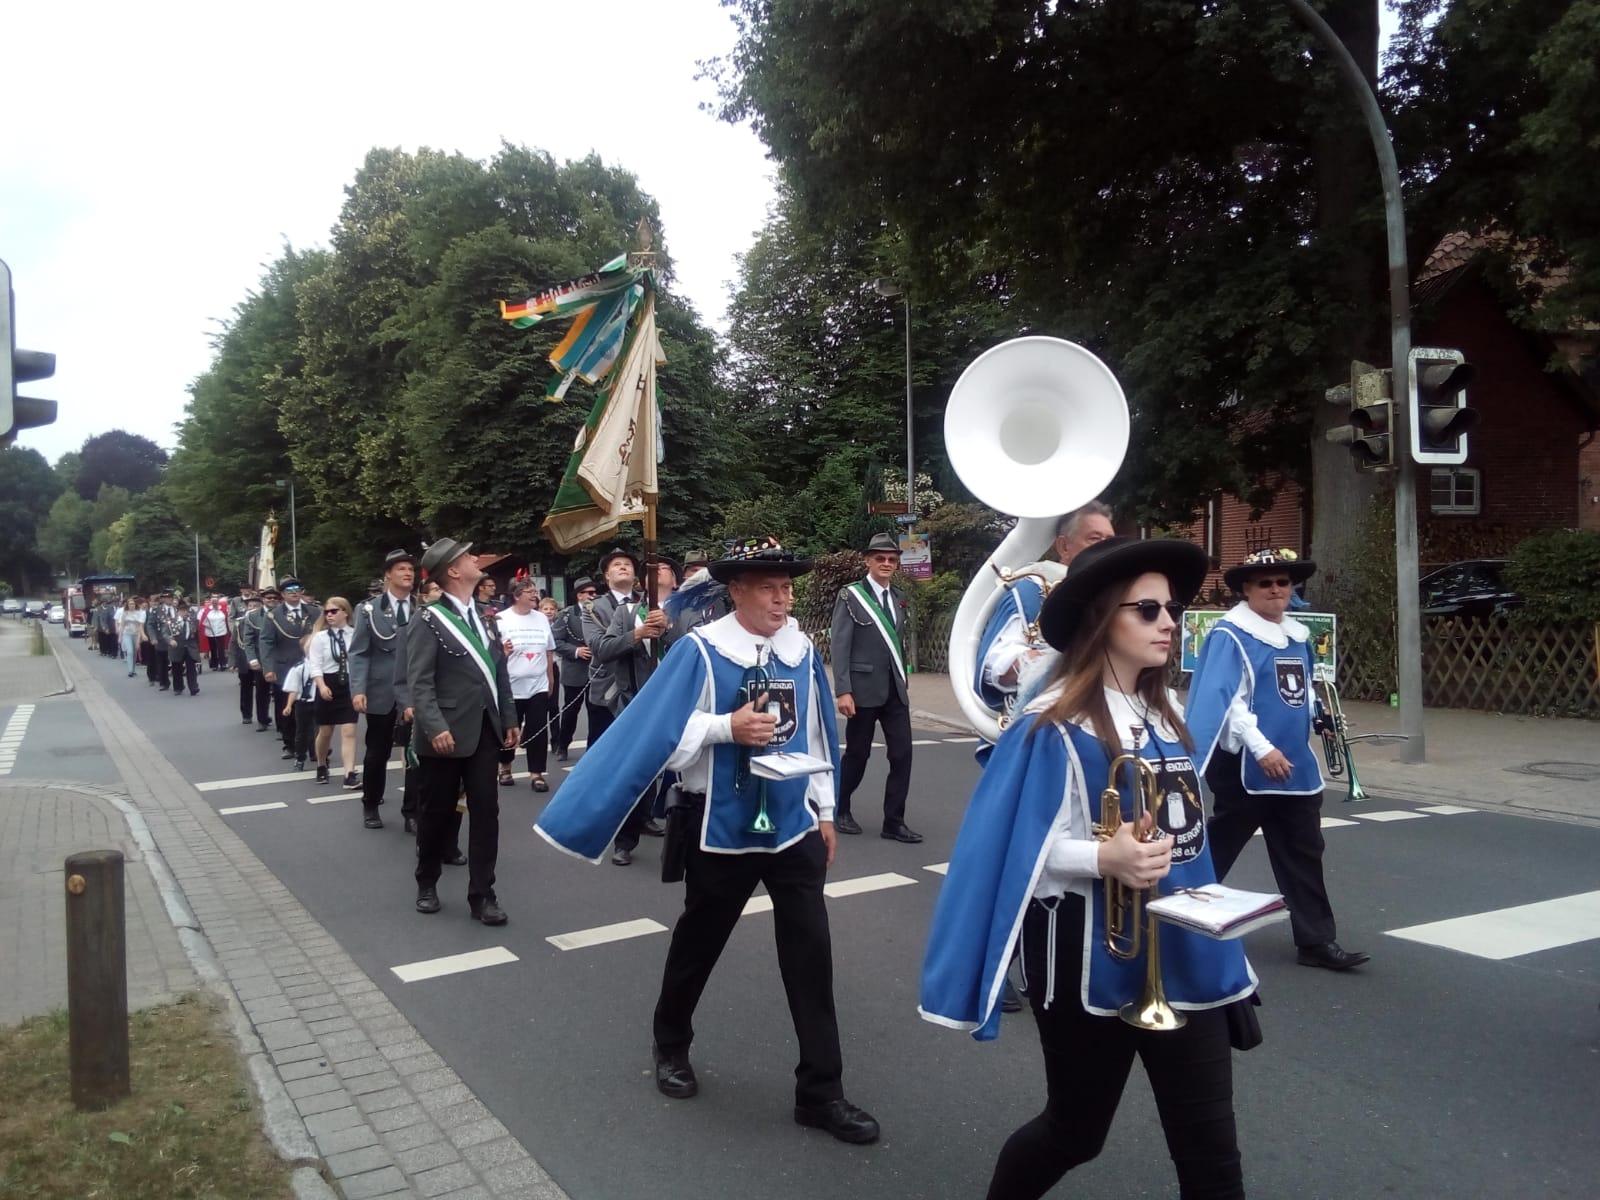 SF Wardböhmen '18